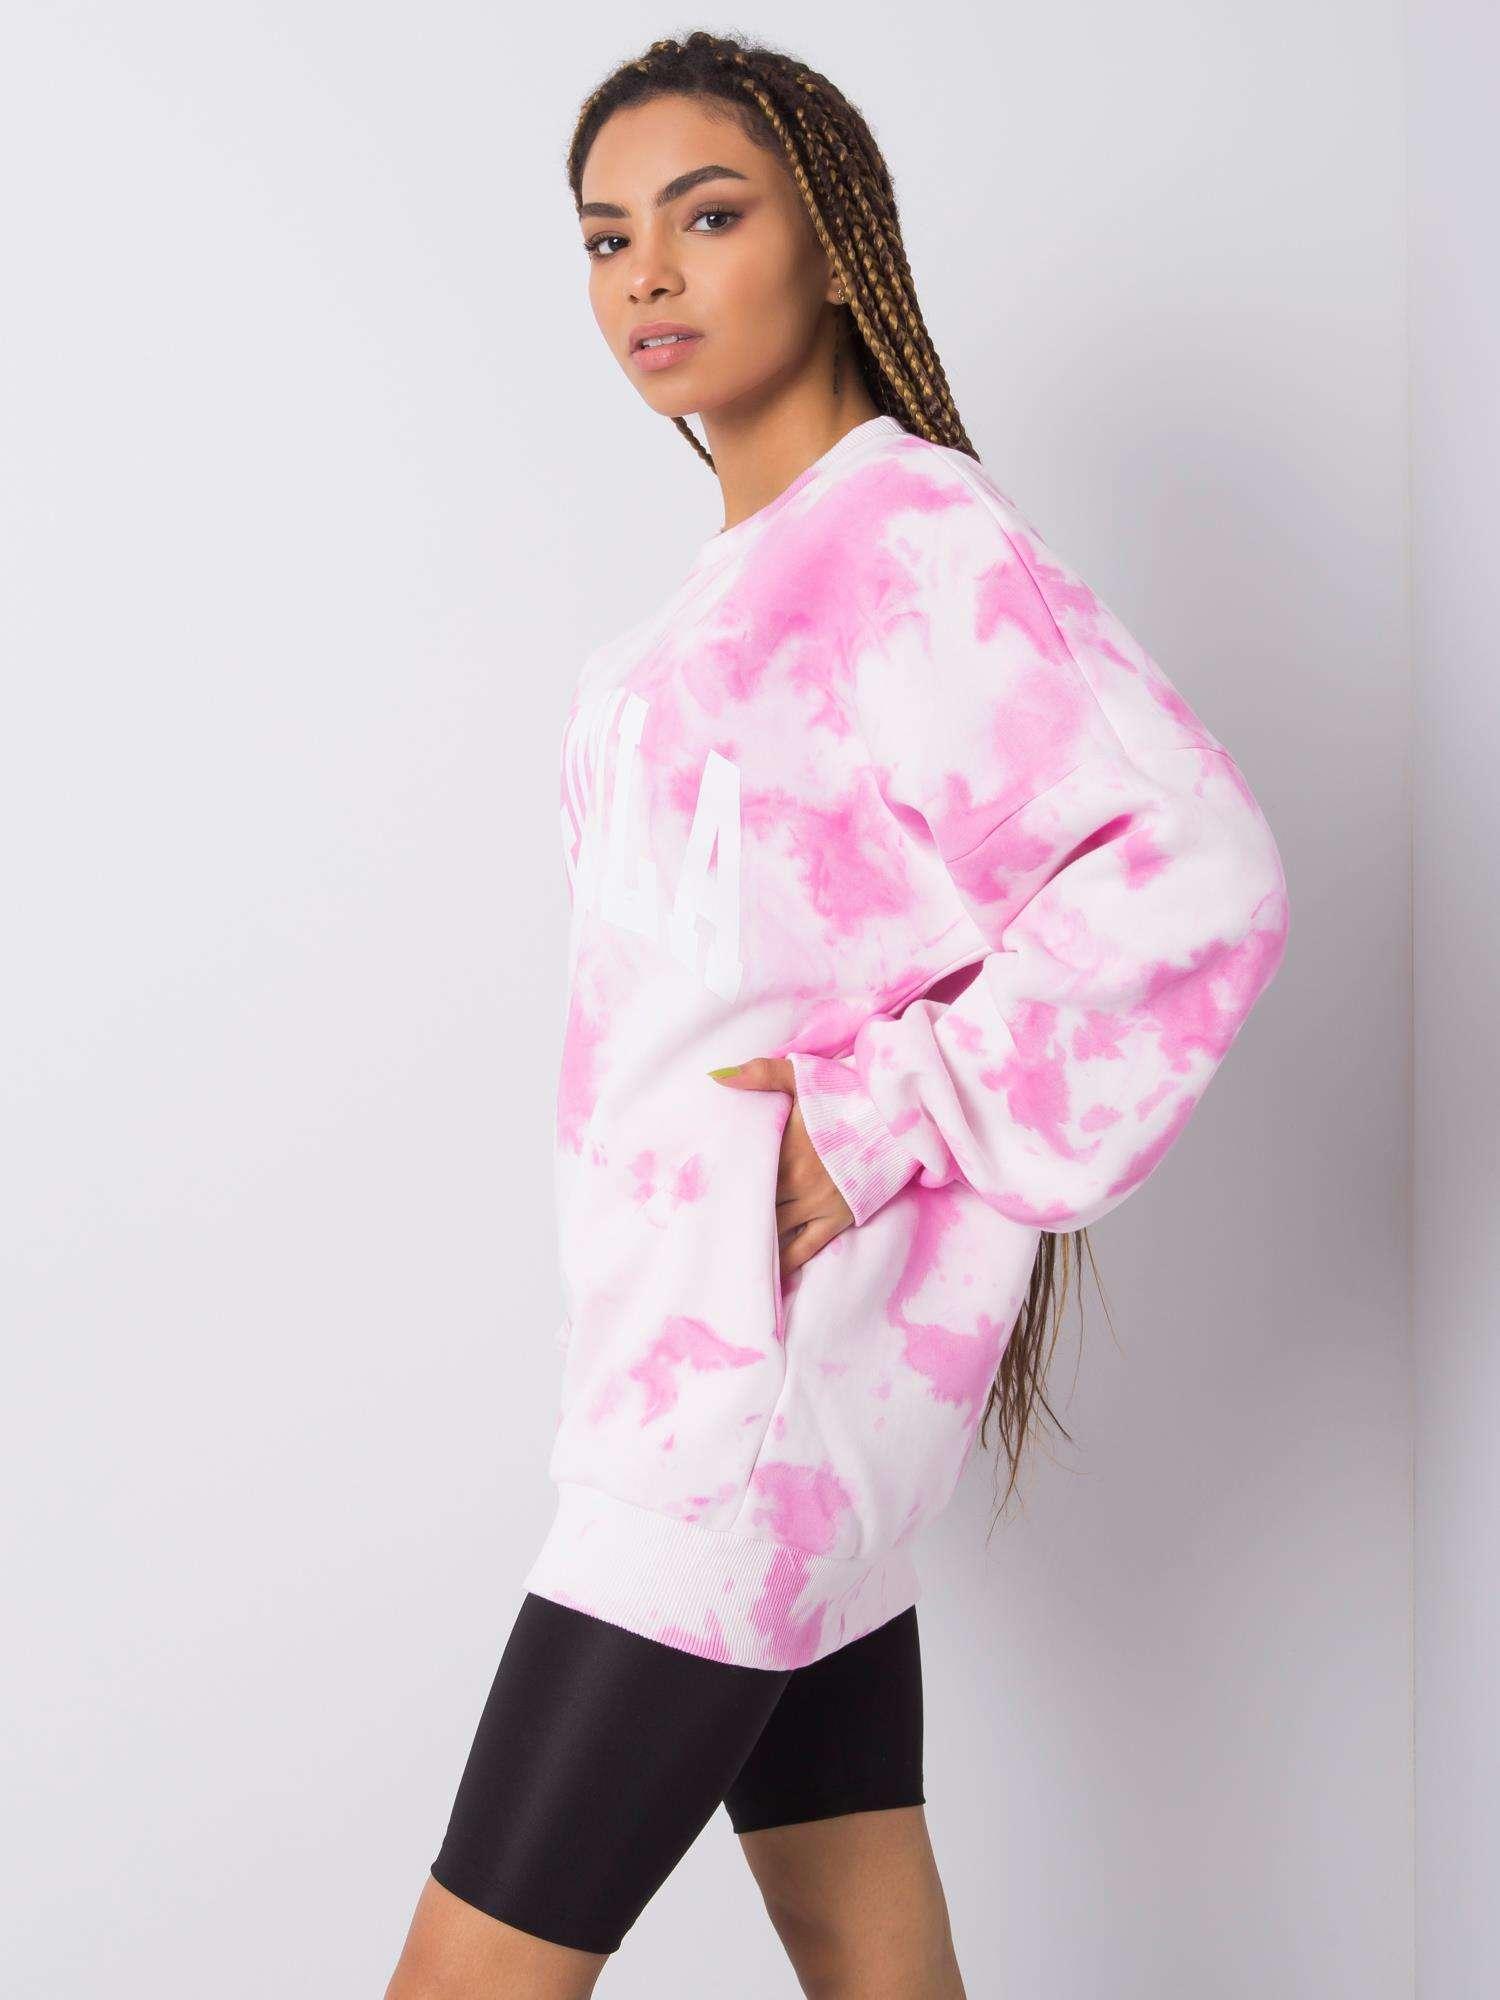 Sweatshirt in Rosa Weiß Tie-Dye Seitenansicht